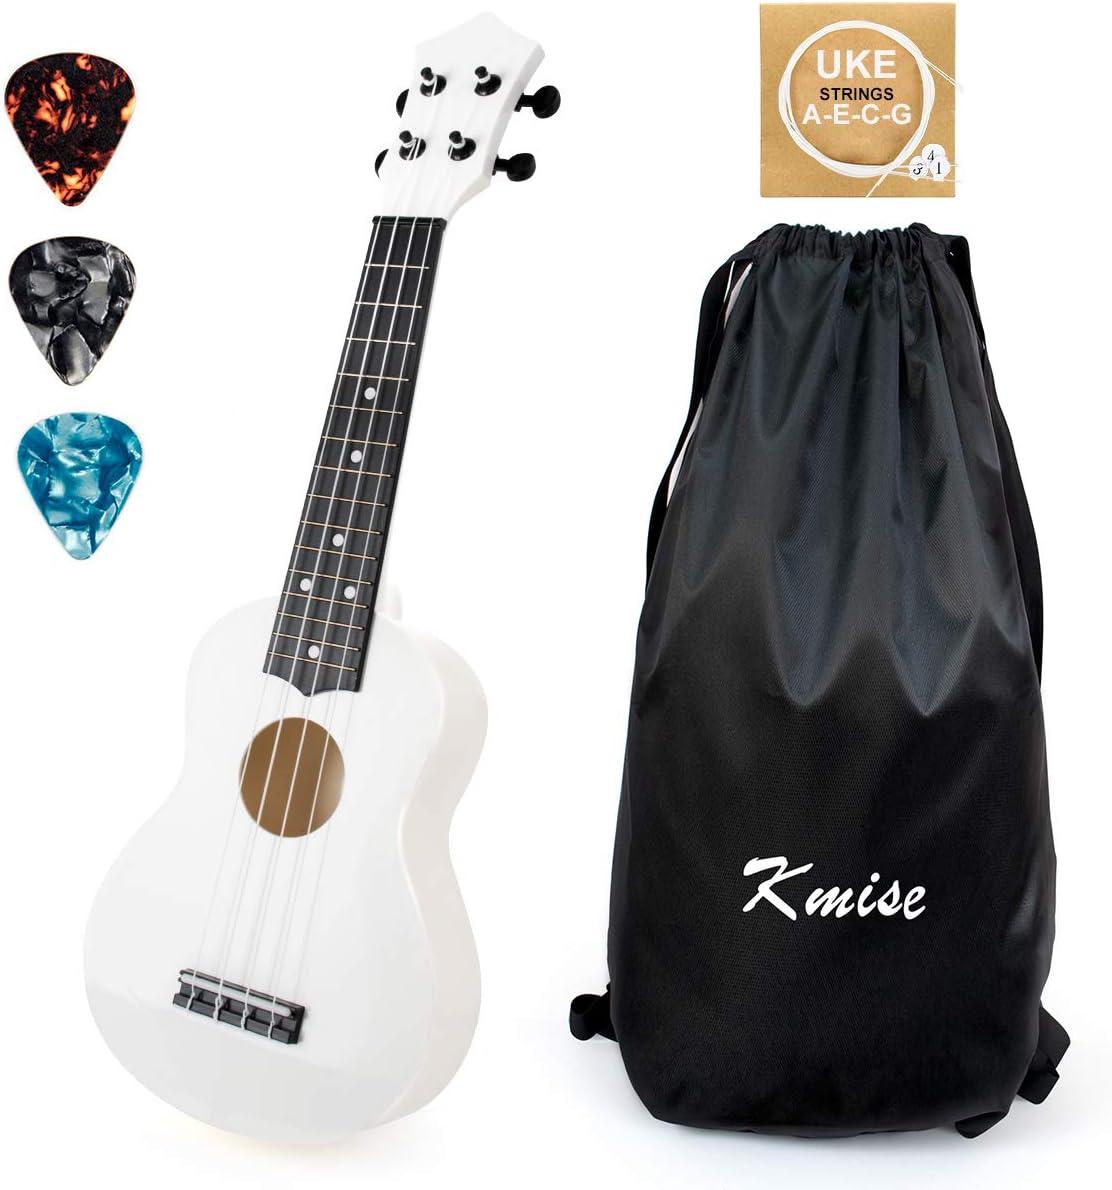 Soprano store Ukulele for Beginners Kids Today's only 21 ukelele ukulele inch White